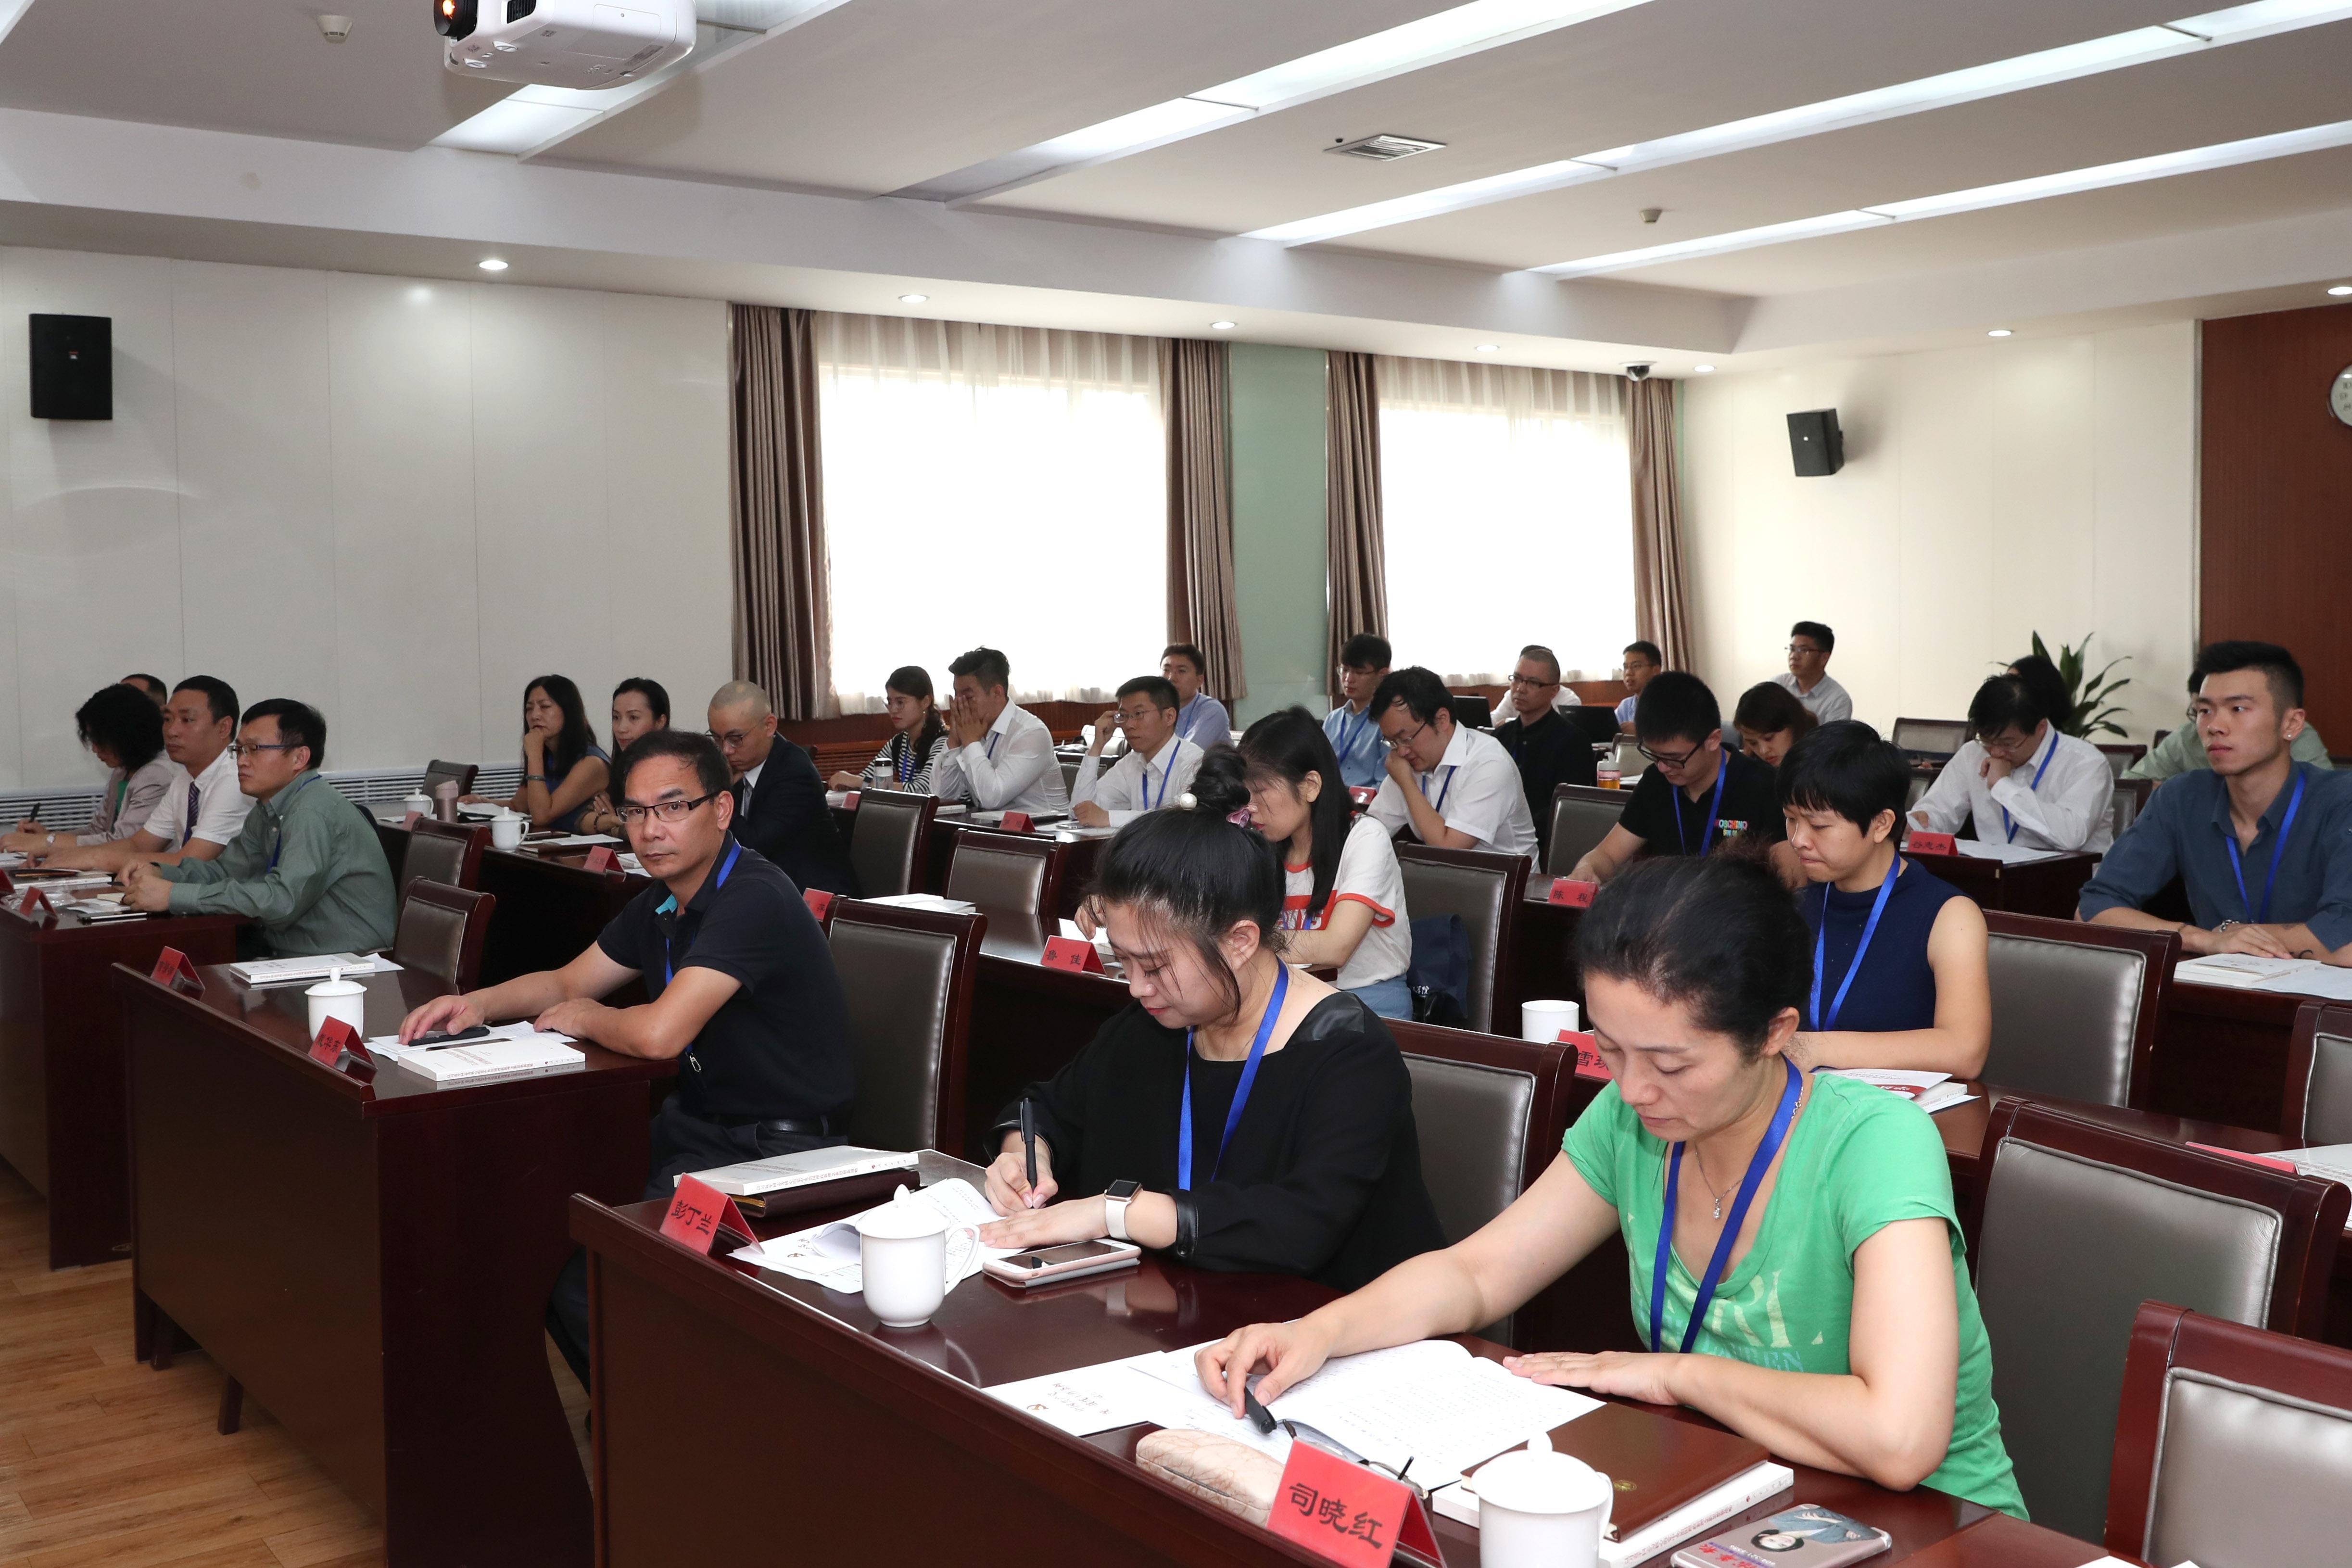 近40位海外留学代表人士在北京研修中华文化